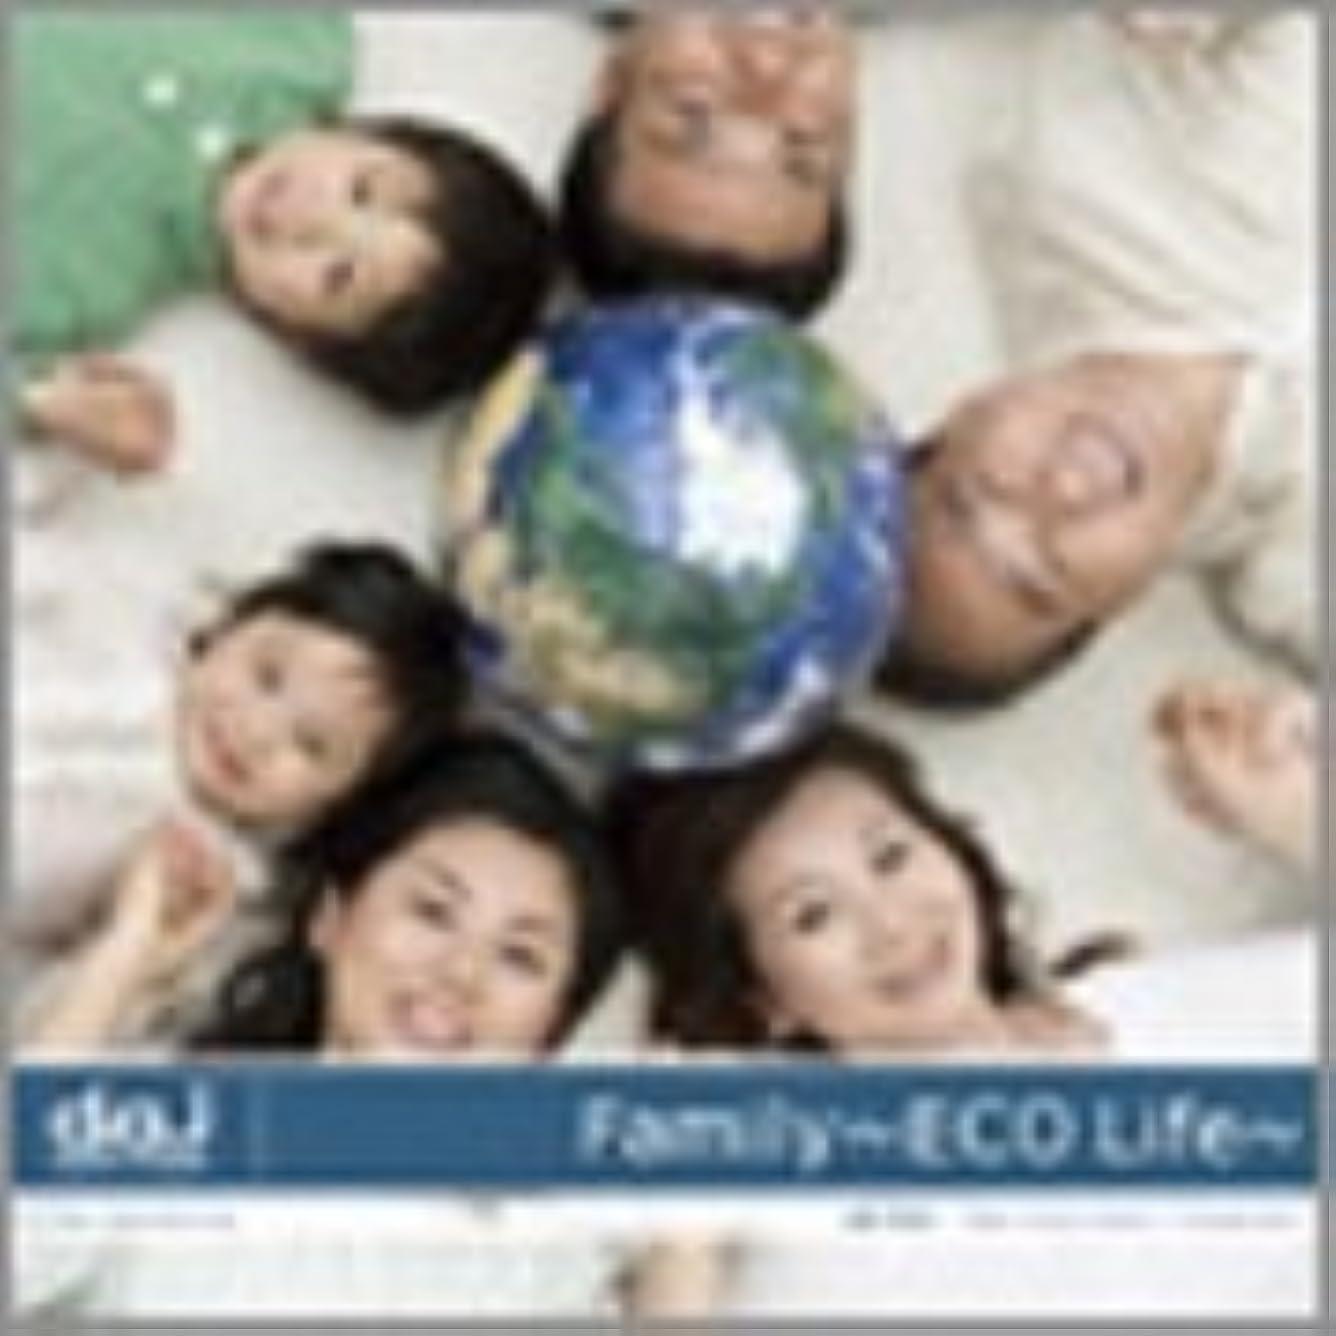 枯れるトークン役割DAJ 414 FAMILY -ECO LIFE-